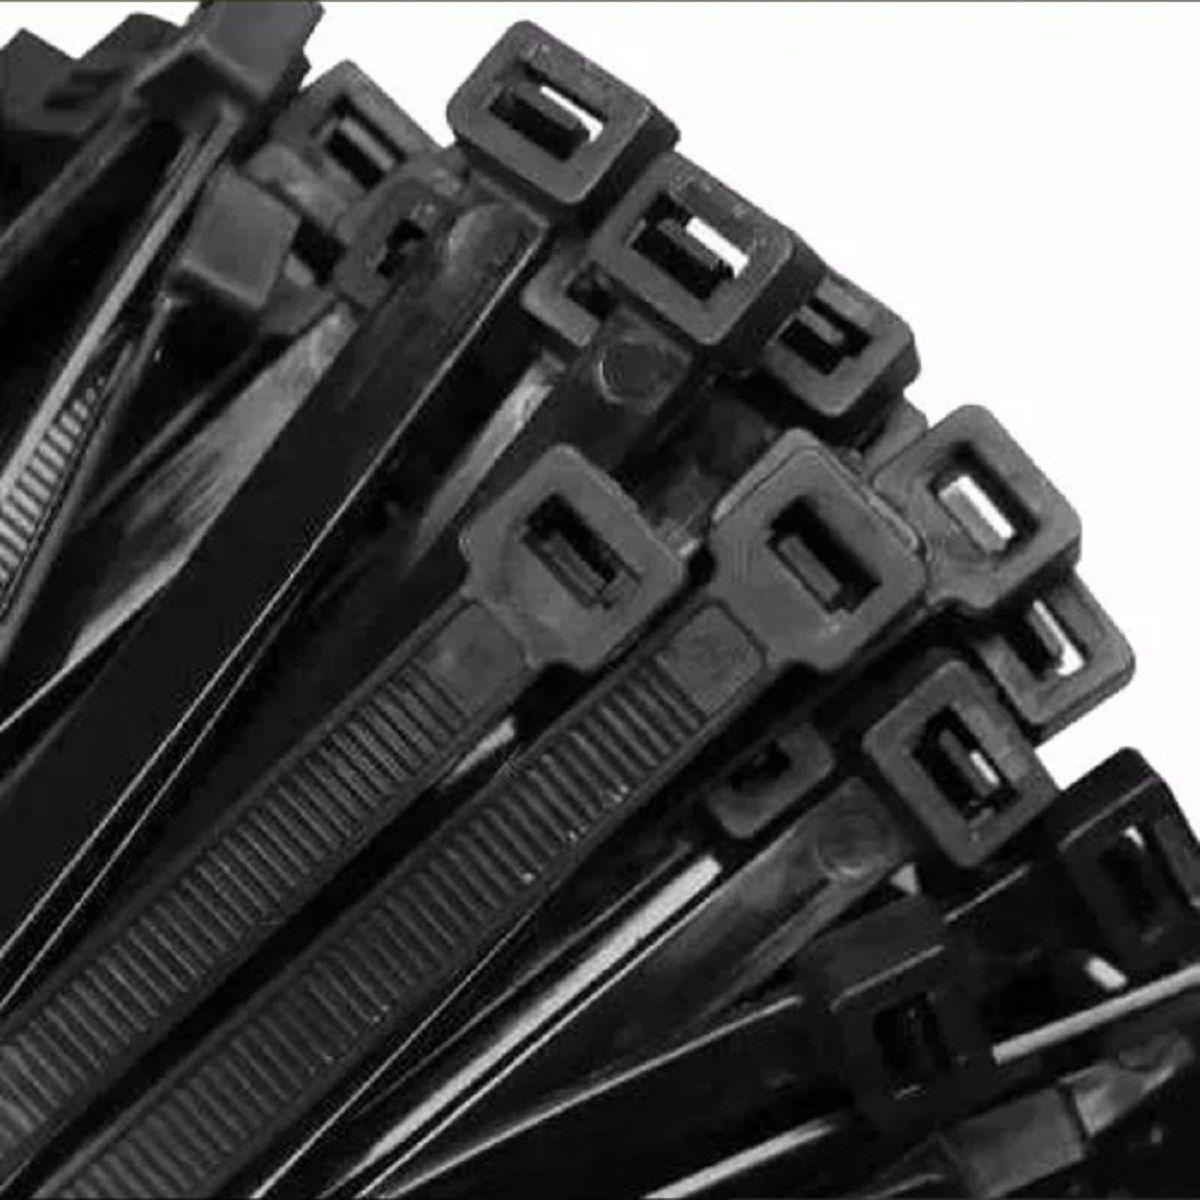 Abraçadeira Nylon Preta 100 Unidades 7,5 X 400 mm  - Rea Comércio - Sua Loja Completa!